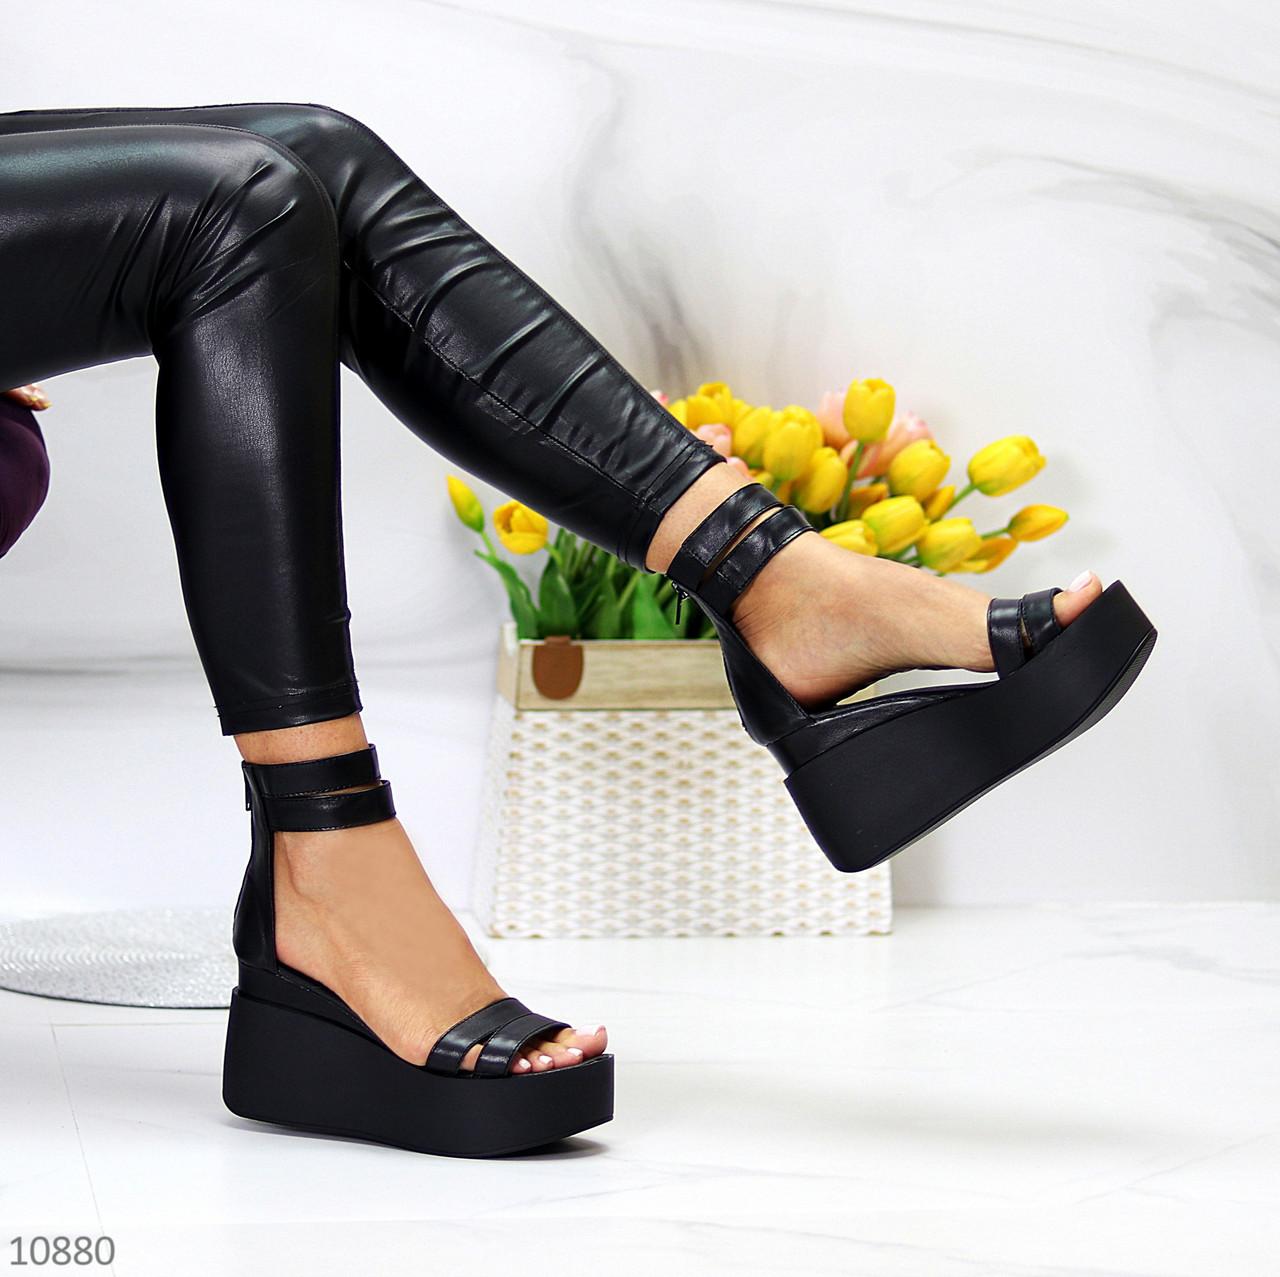 Ультра модні чорні шкіряні жіночі босоніжки натуральна шкіра на танкетці платформі